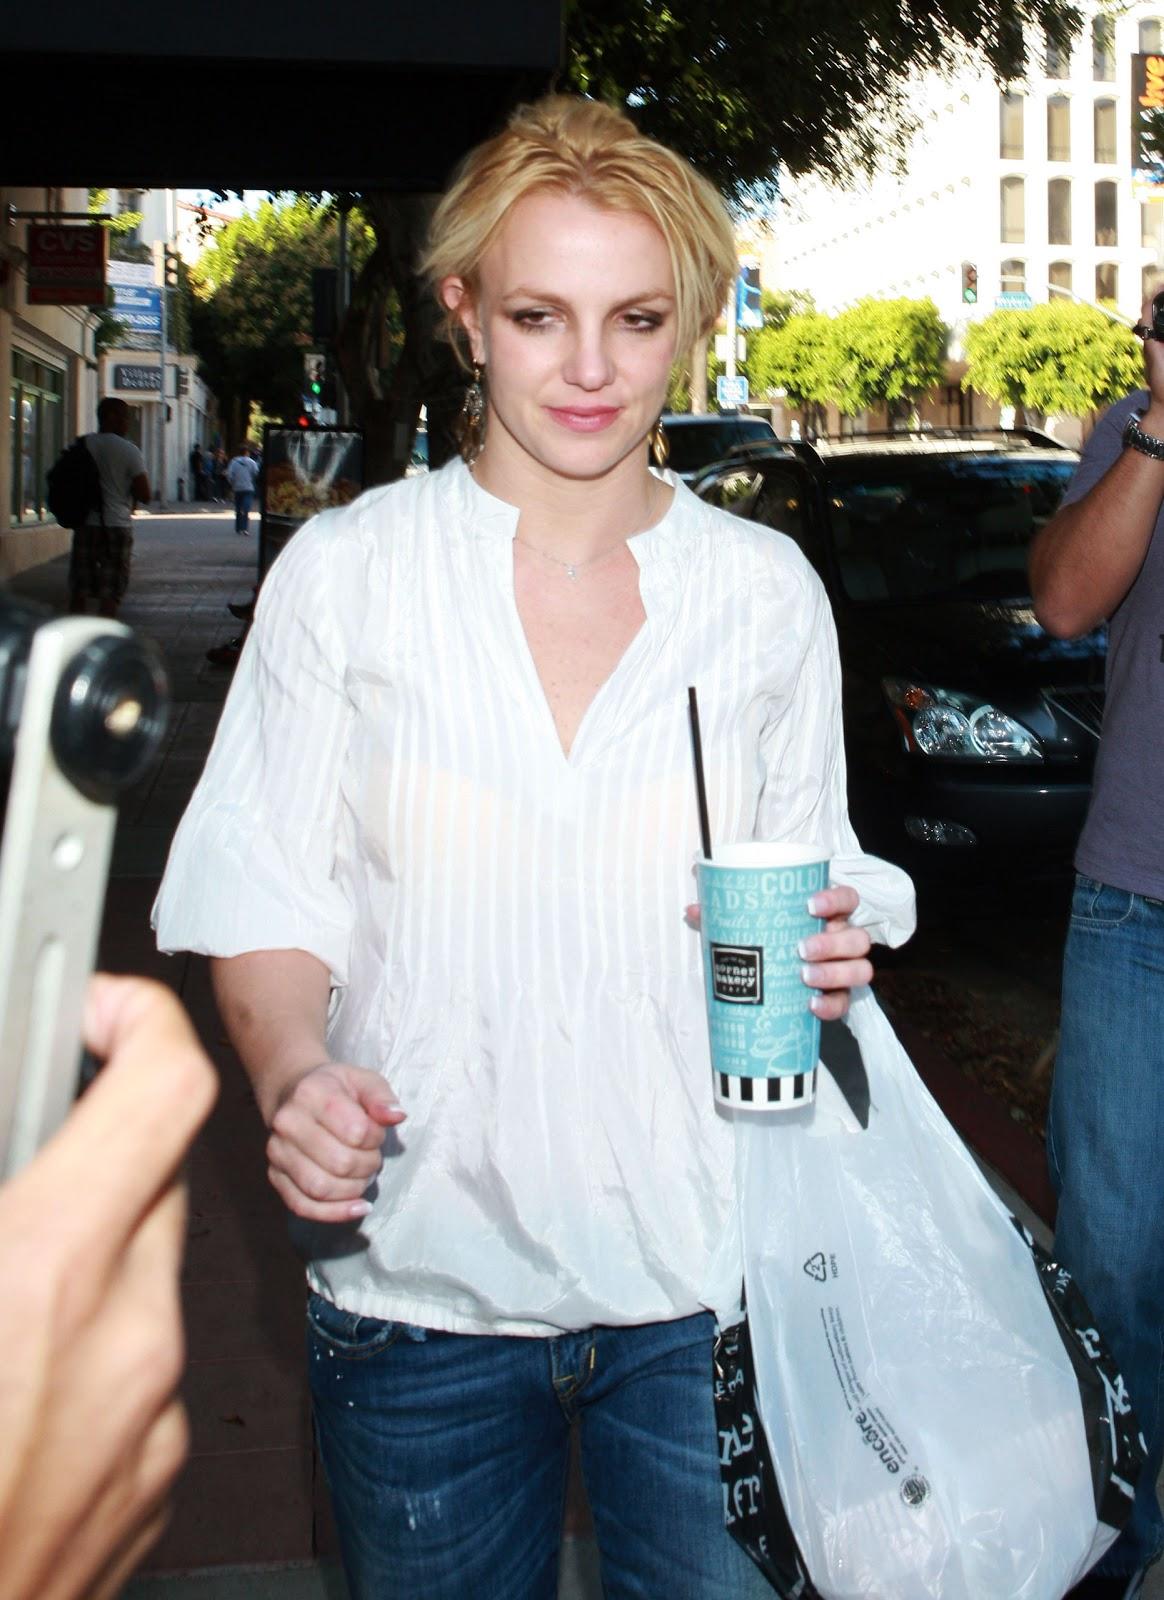 http://1.bp.blogspot.com/_aAbtztlUZpw/TOVoo9Y0wFI/AAAAAAAAFYA/1d6M9tdJPuk/s1600/FP_5954288_FP7_Spears_Britney_102610.jpg